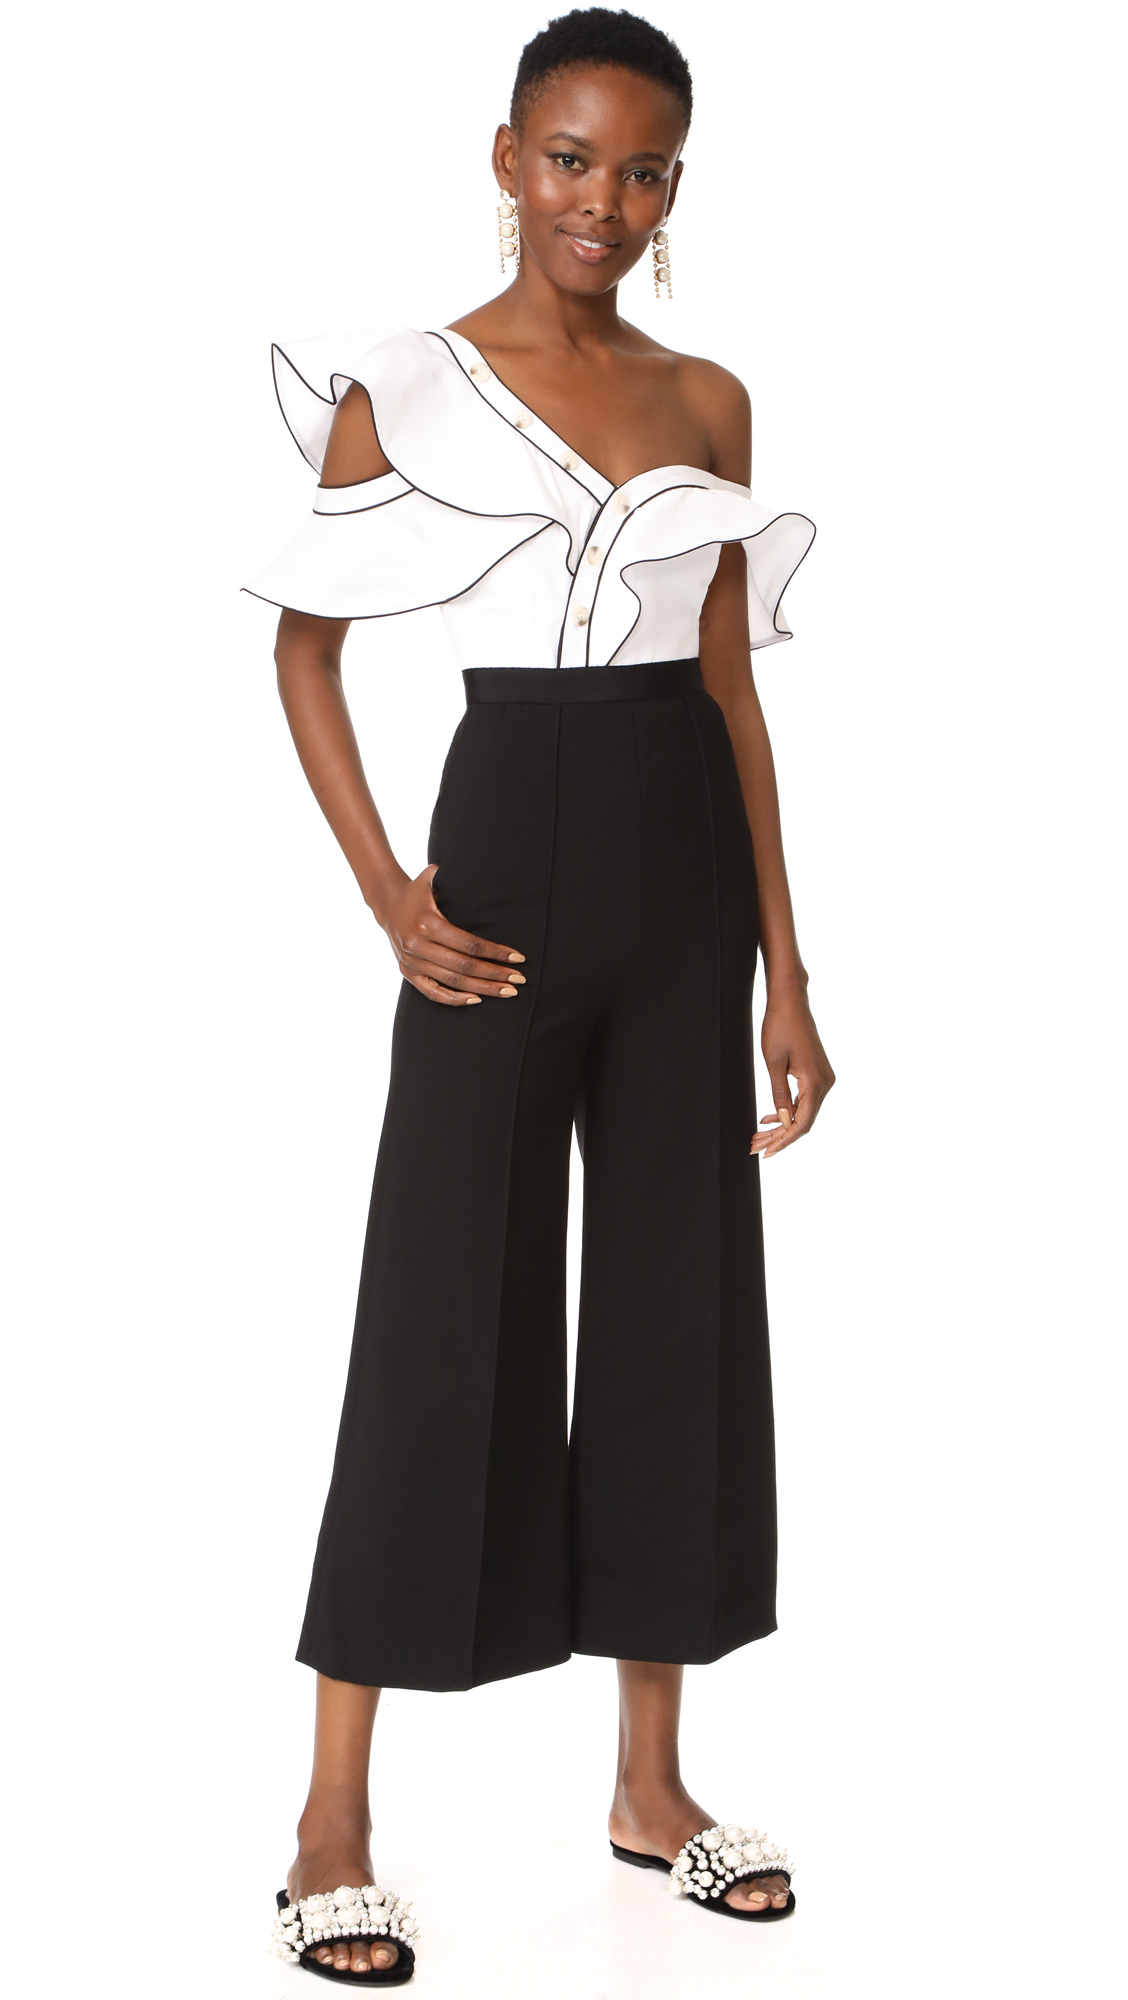 Self Portrait Frill Jumpsuit - Black/White